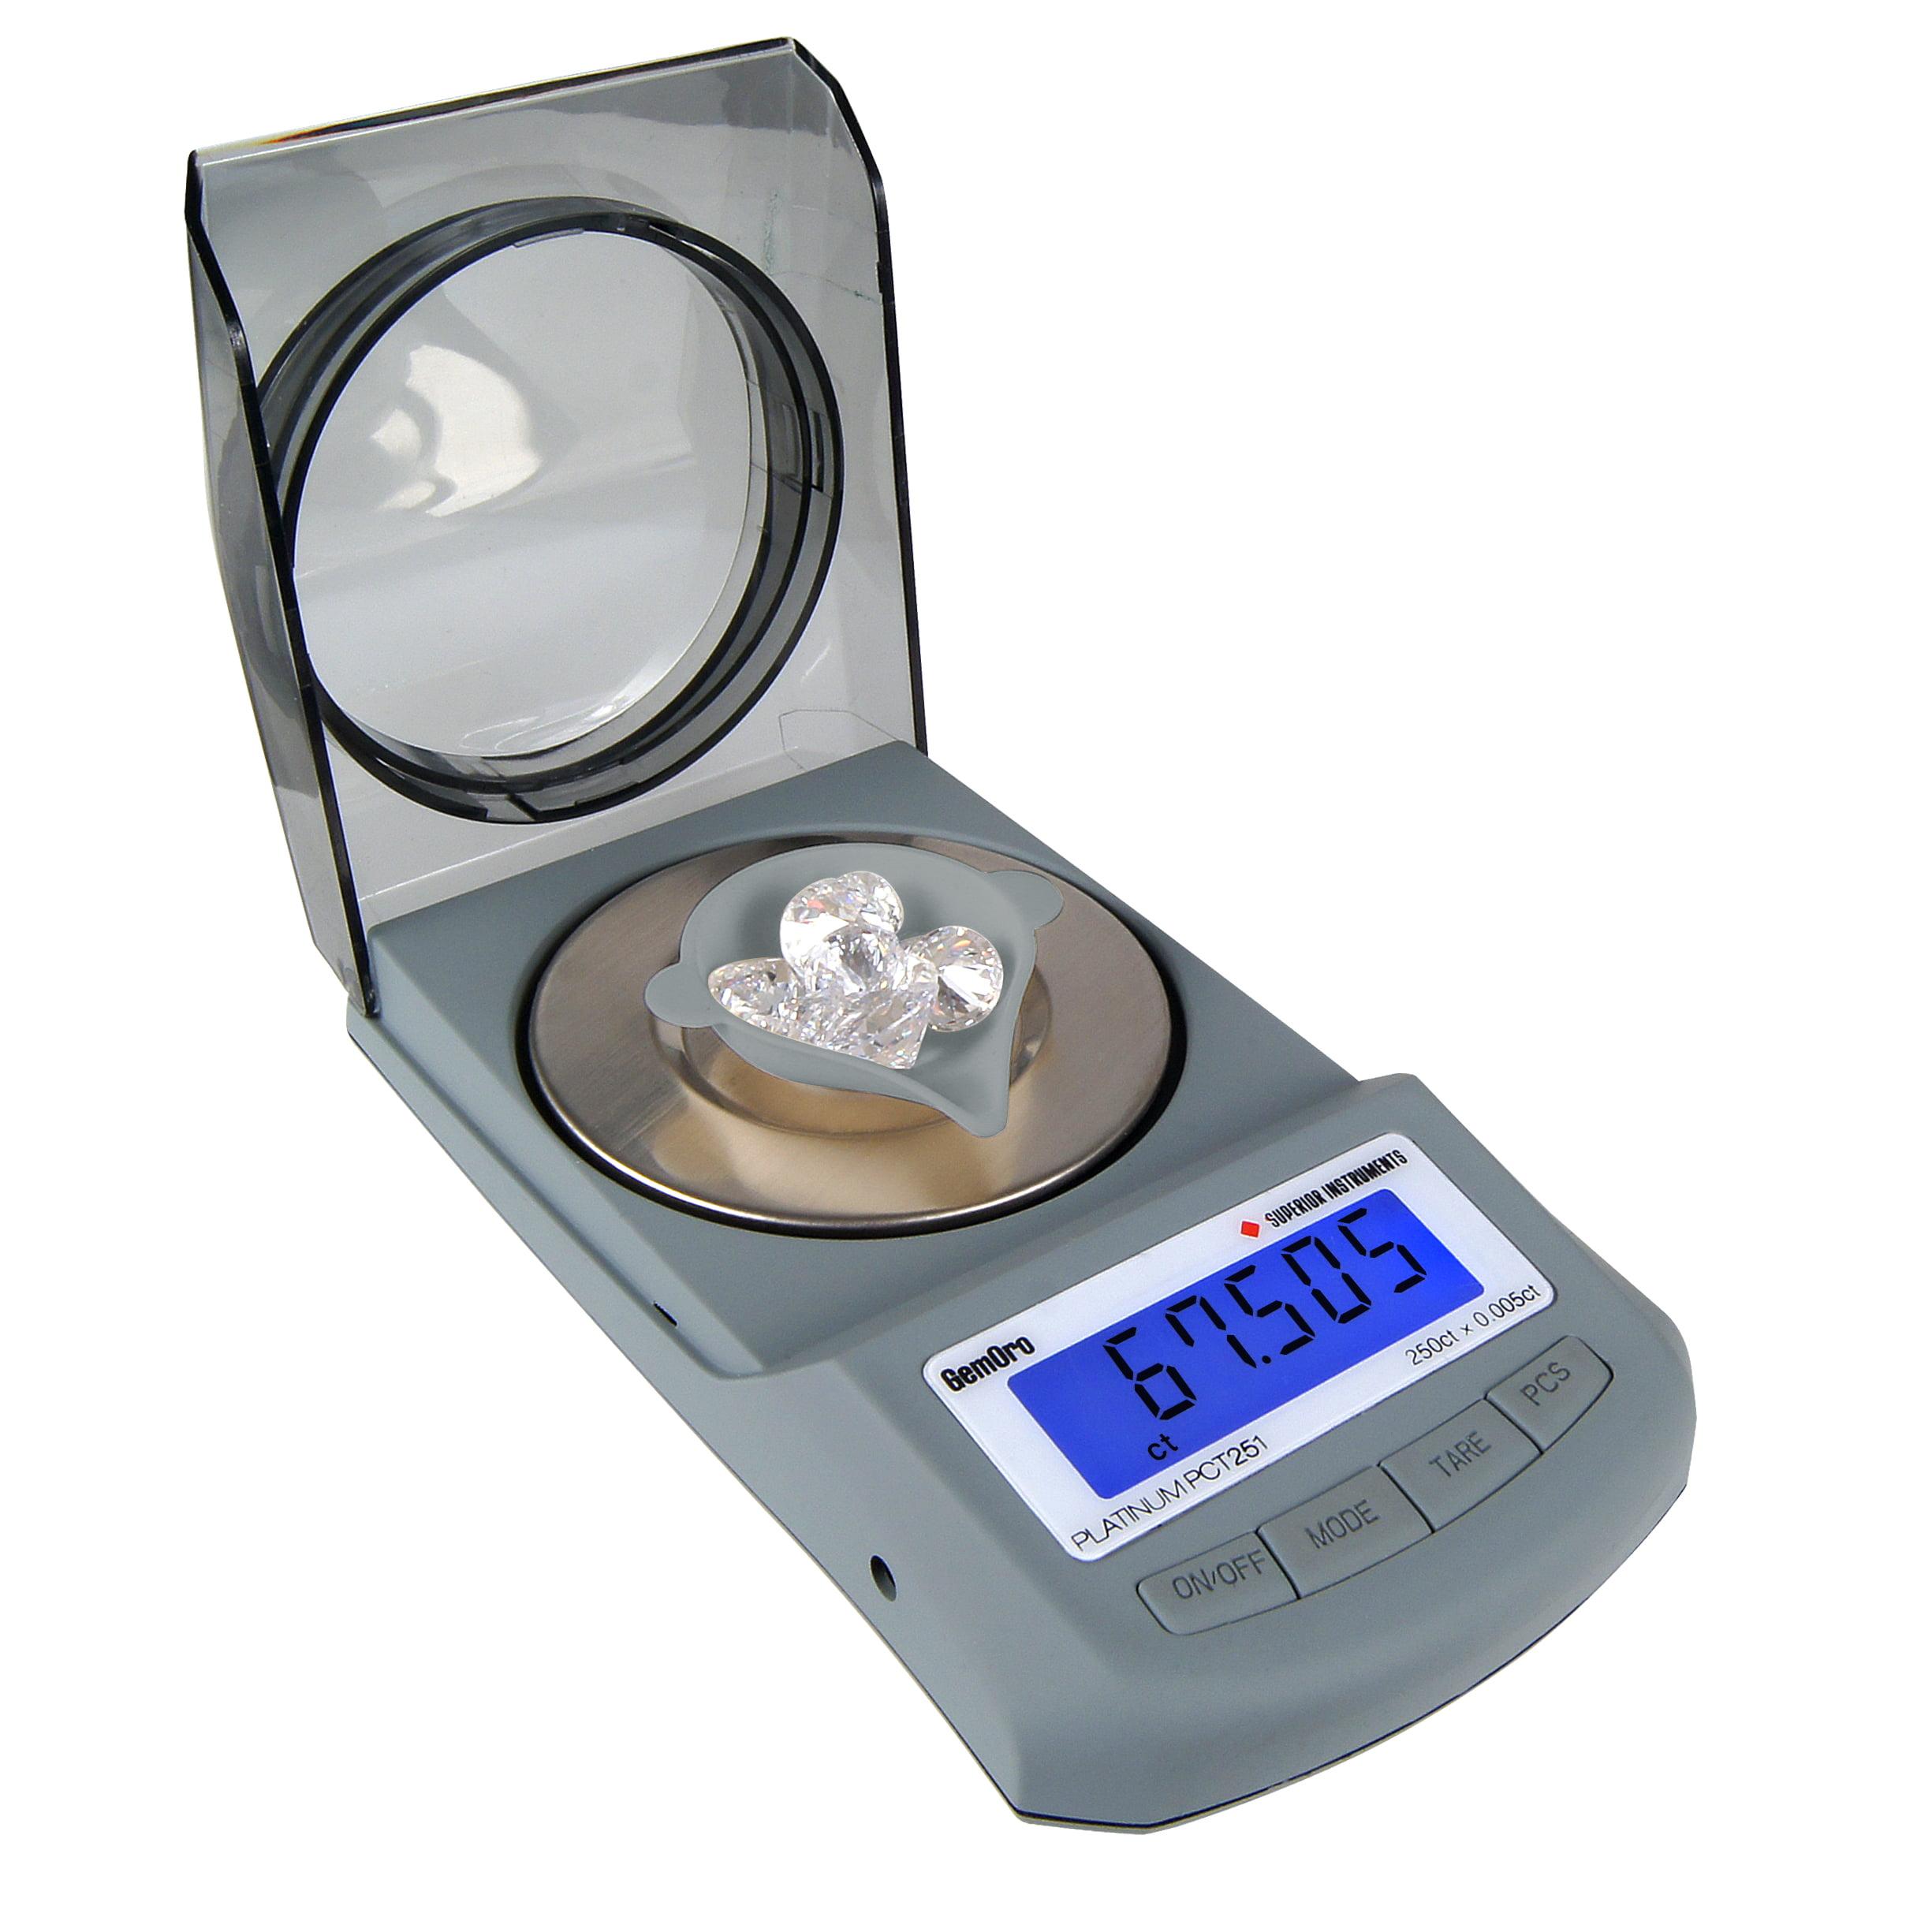 Authorized PCT251 Premium Class Pocket Scale